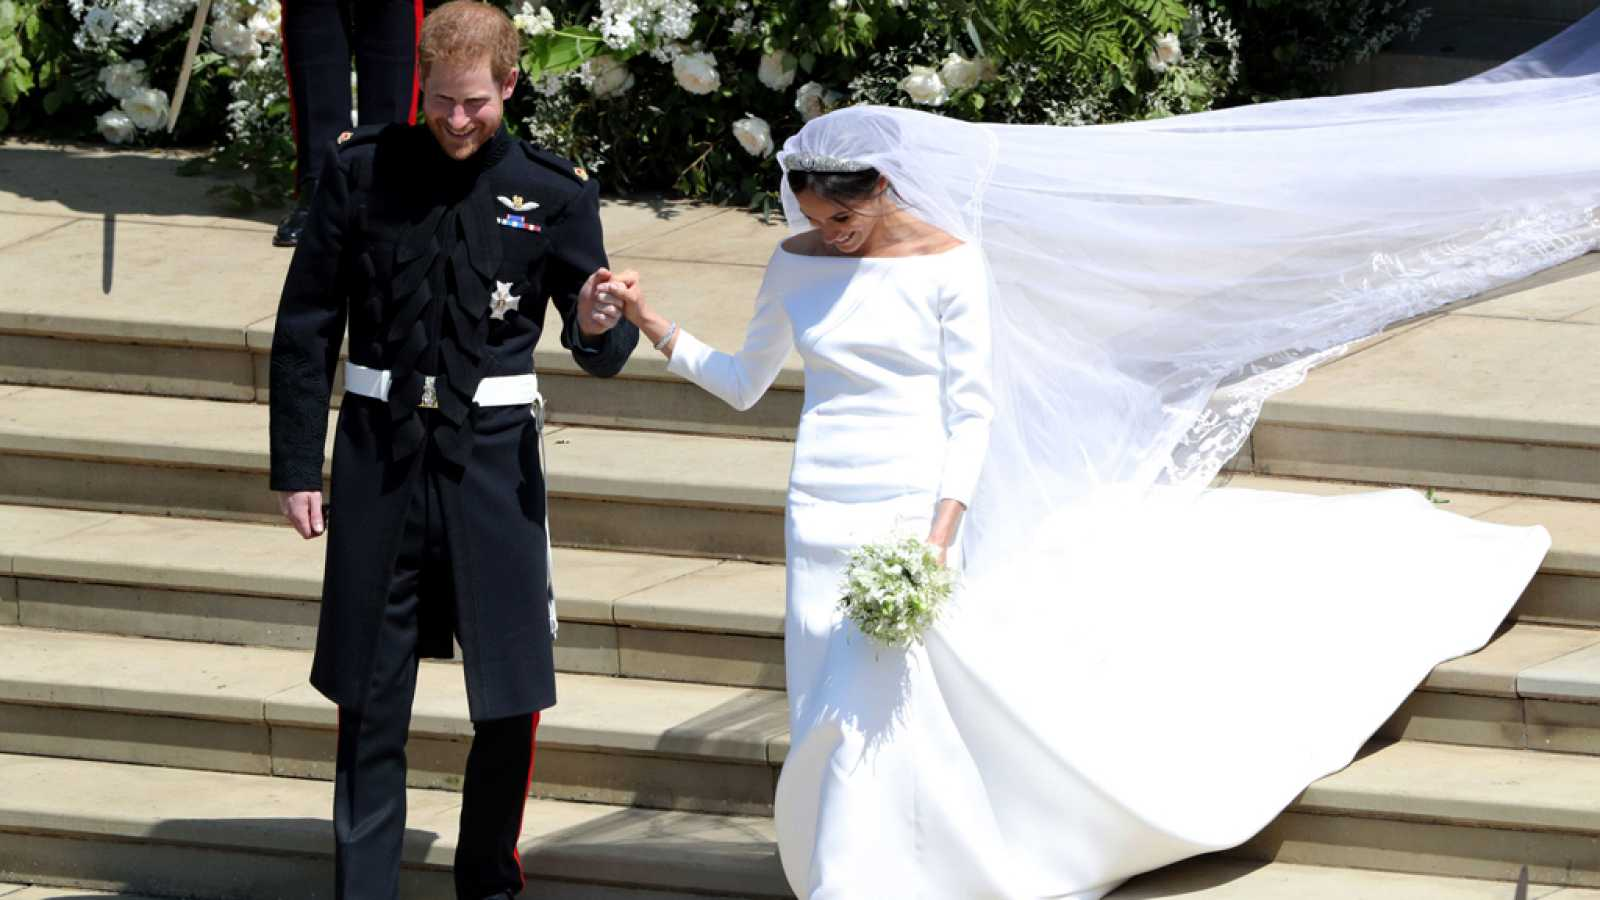 a8229f39e5 Para todos los públicos El vestido de novia de Meghan Markle reproducir  video